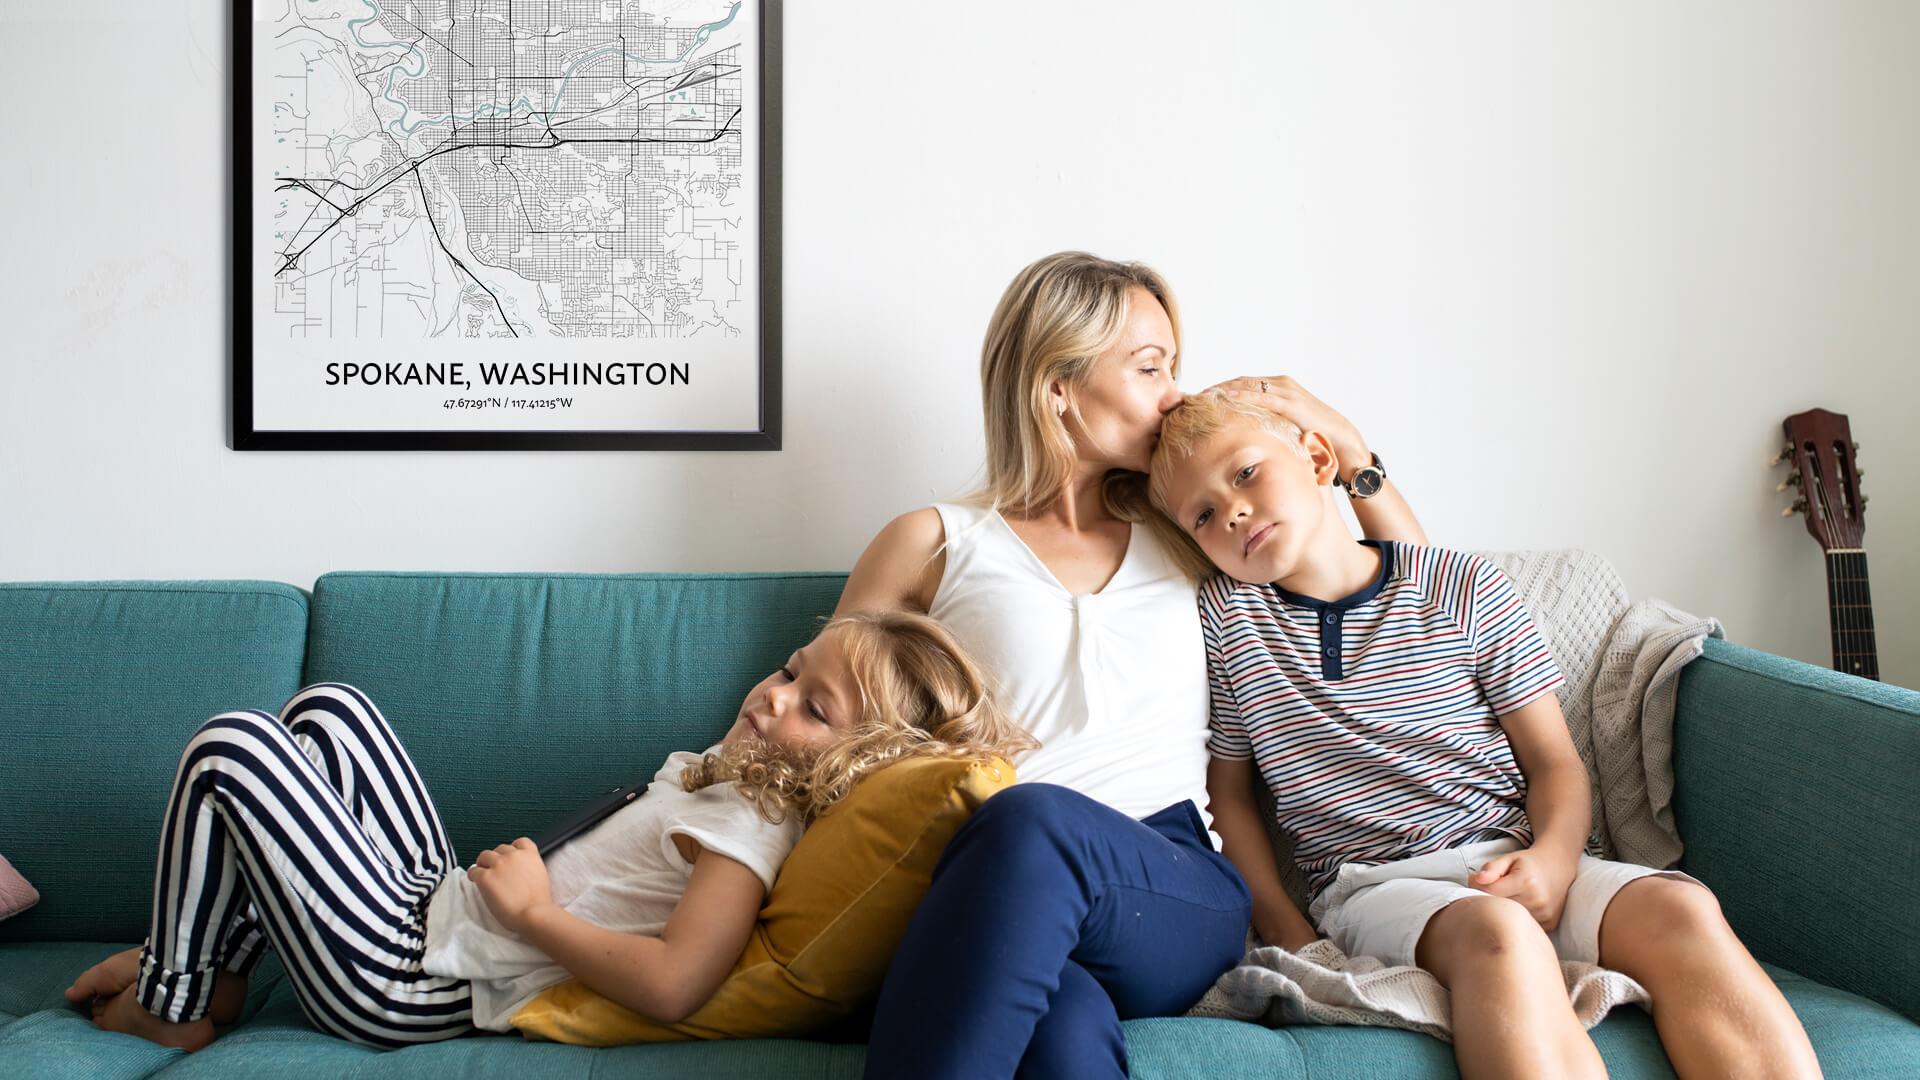 Spokane map poster